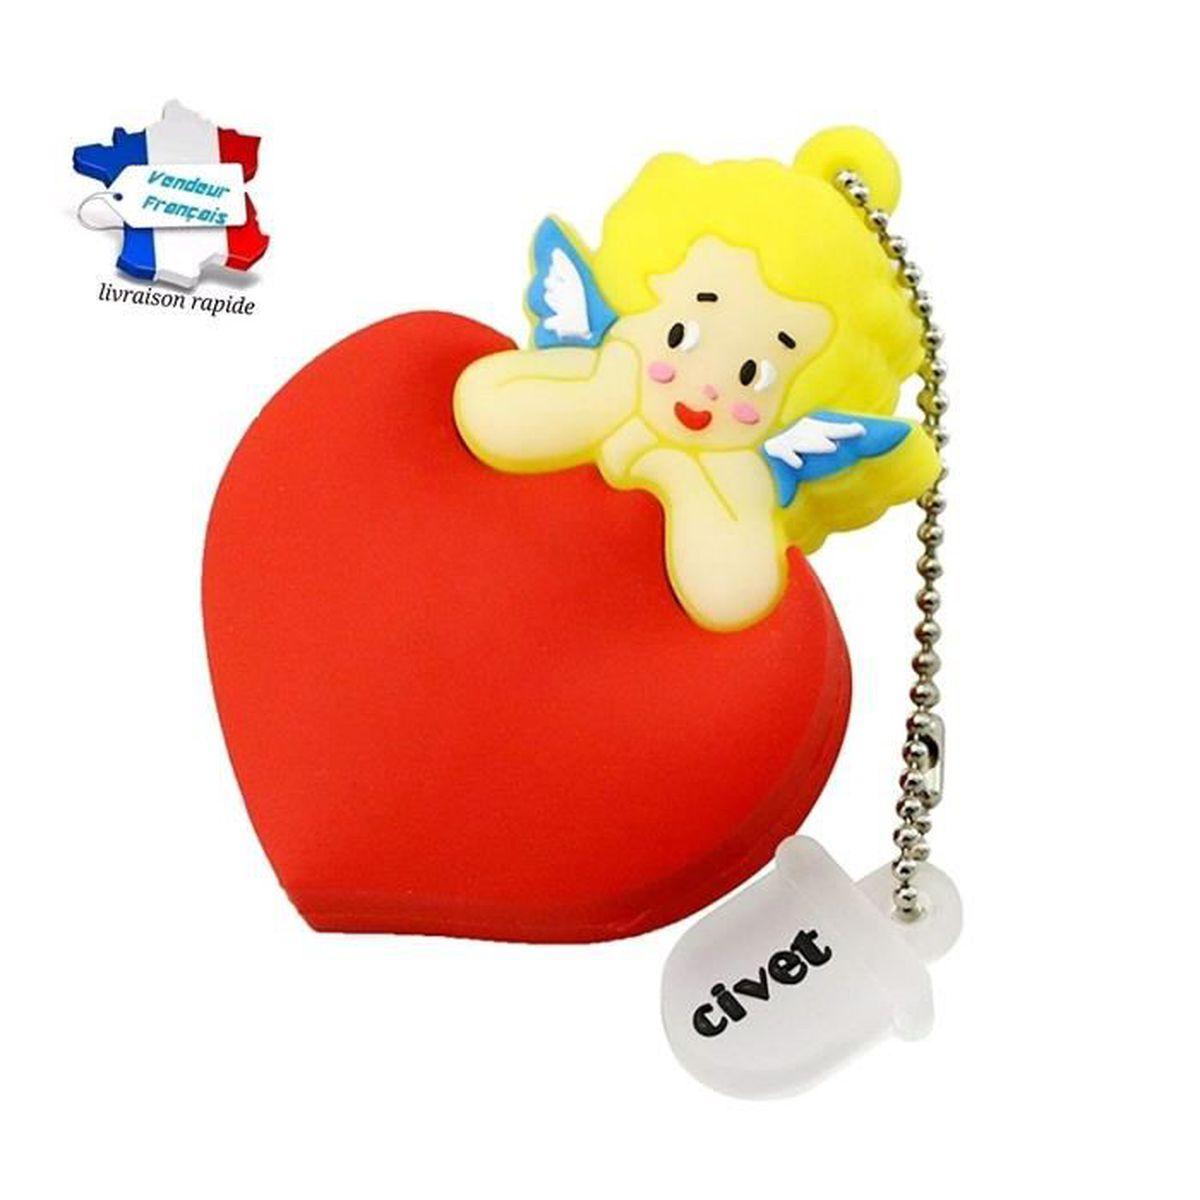 cle usb cupidon coeur saint valentin , capacité 16go , livraison